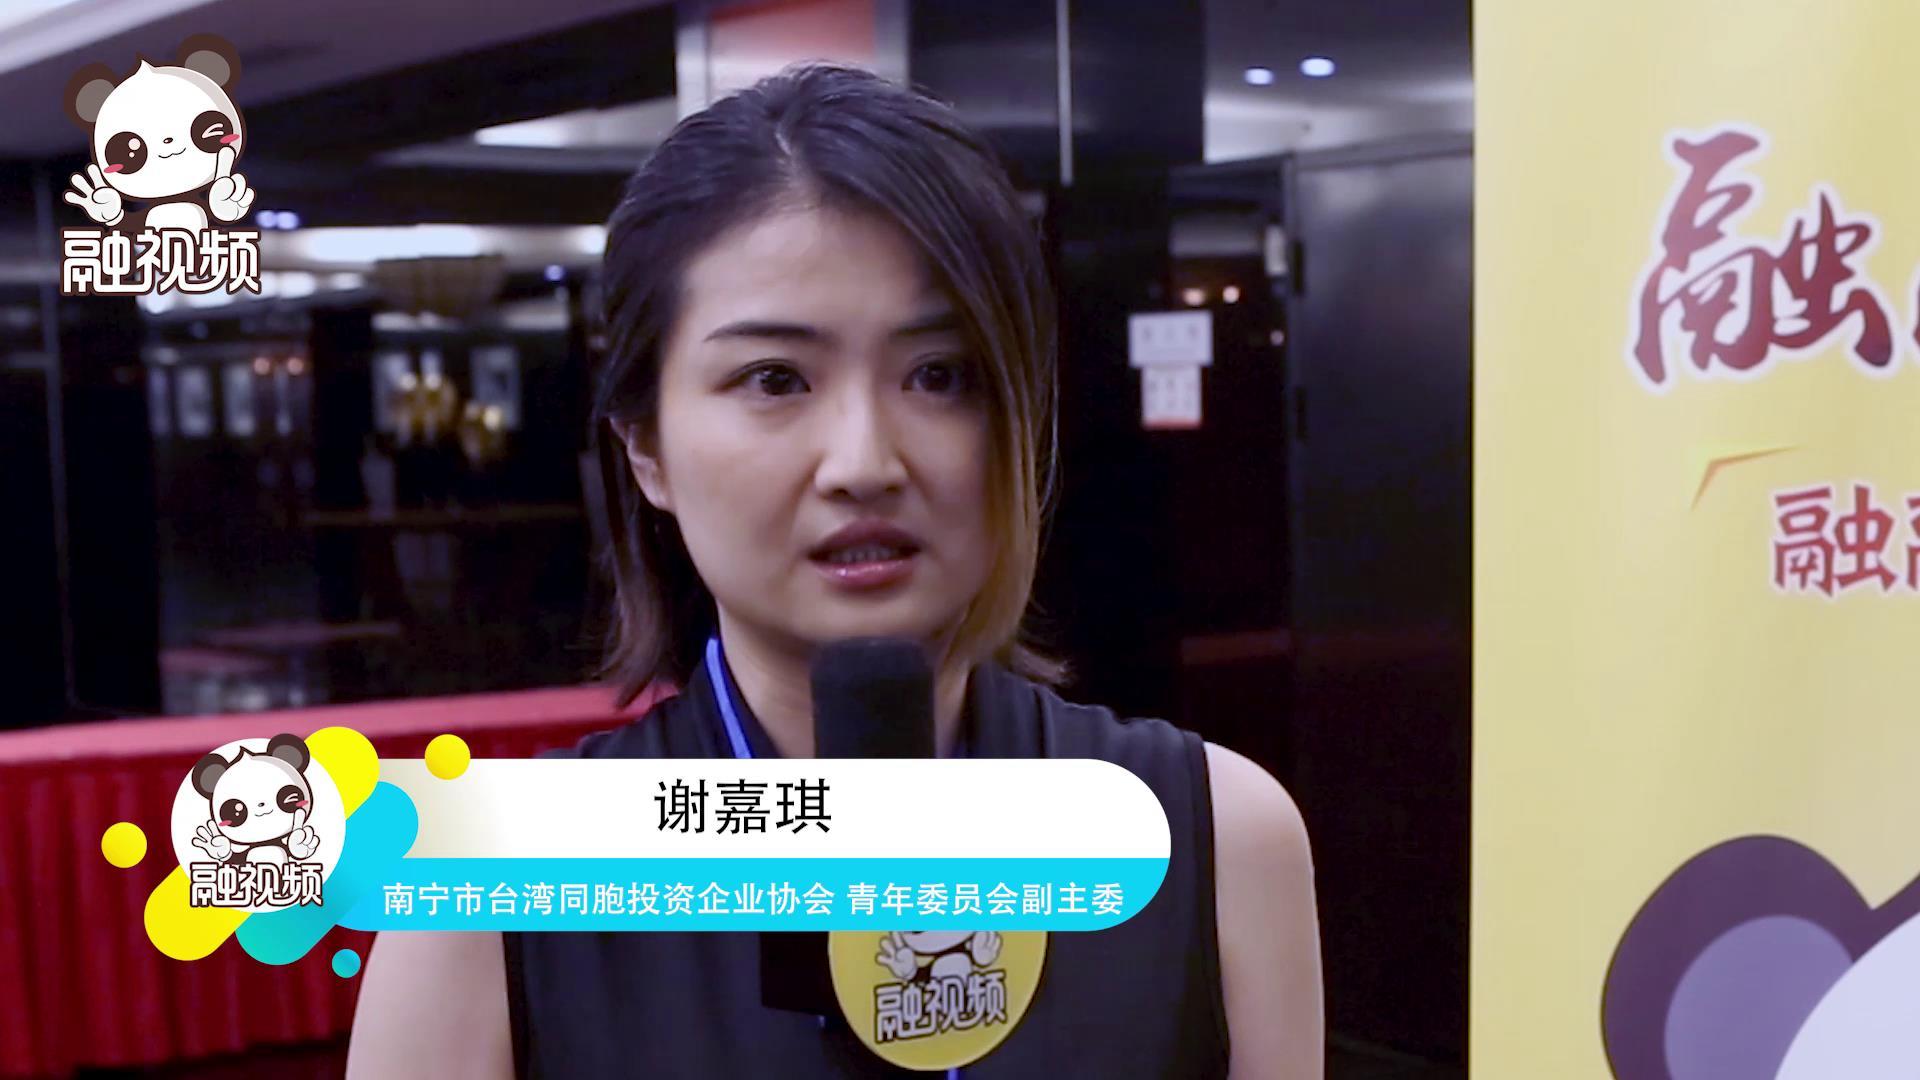 """""""來到大陸之后,我最大的心愿就是希望身在臺灣的弟弟也能夠一起來大陸發展創業�!�"""